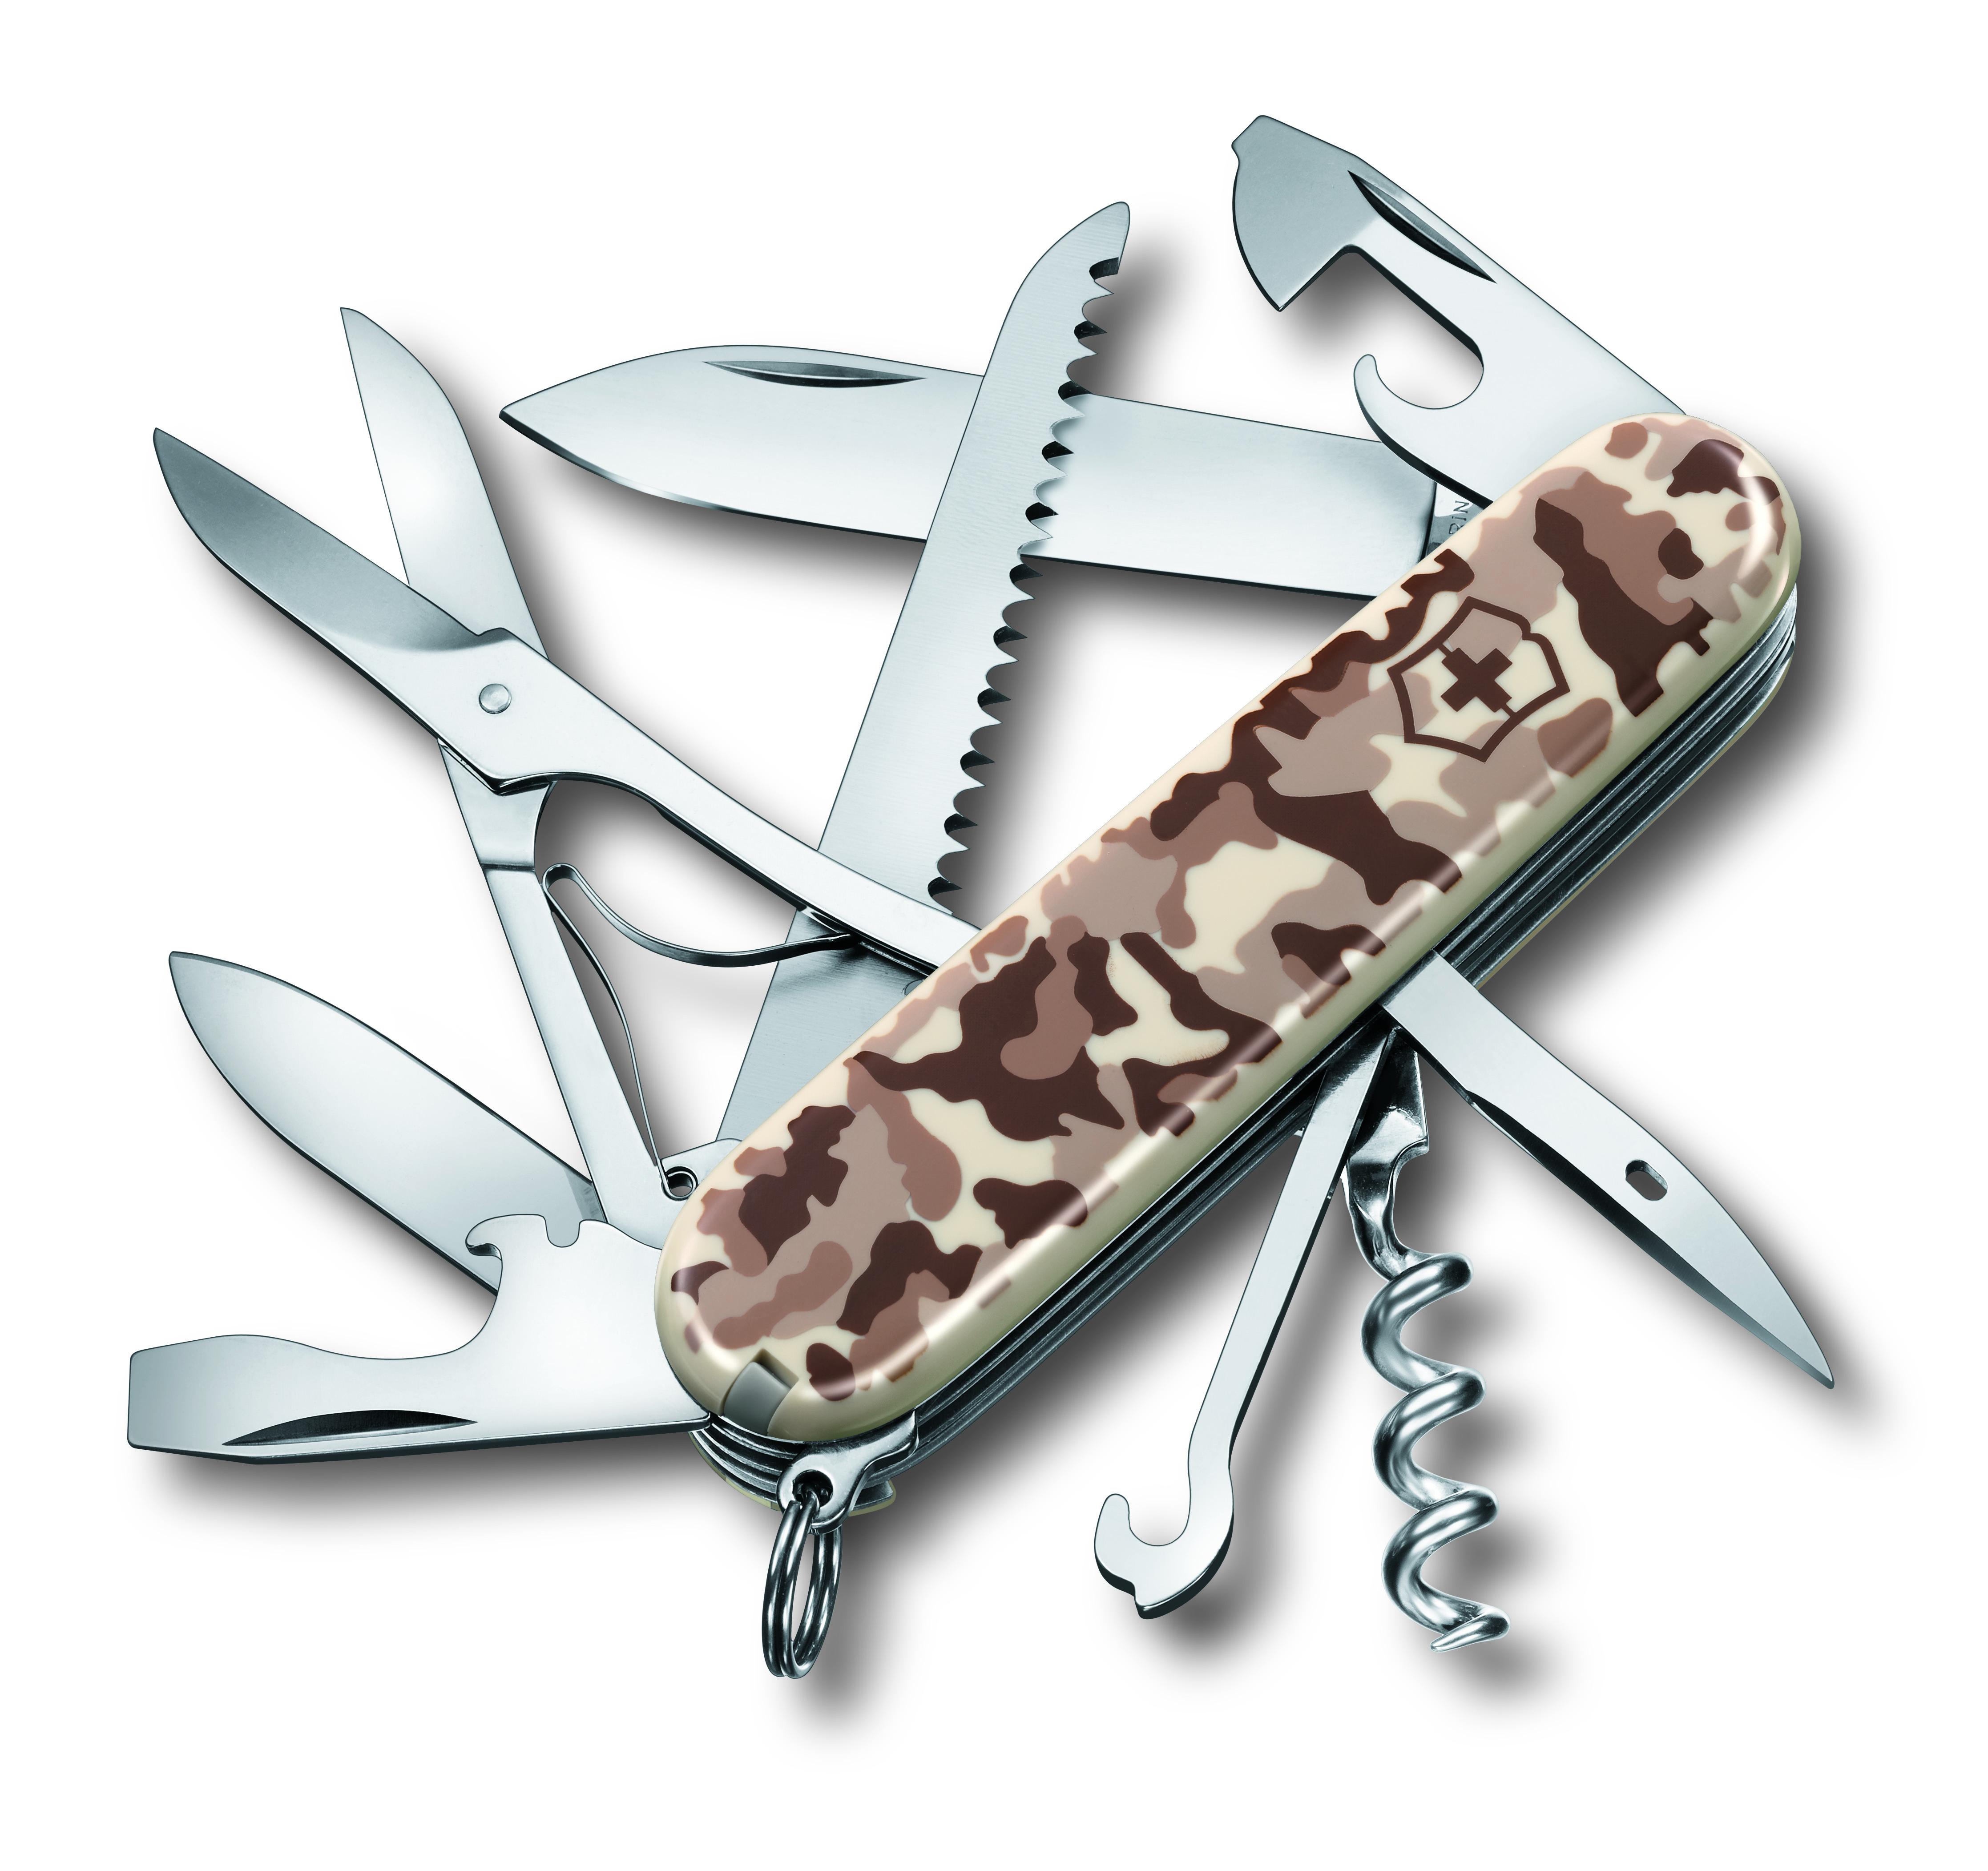 Нож перочинный Victorinox Huntsman Desert Camouflage, 15 функций, цвет: бежевый, длина клинка 68 мм1.3713.941Маленький красный карманный нож с эмблемой креста на щите на рукояти — самый узнаваемый символ компании Victorinox.В 1897 году основатель компани Карл Эльзенер разработал первый «Швейцарский армейский нож».Более 130 лет компания Victorinox разрабатывает продукты,которые не просто уникальны по дизайну и качеству,но и способны стать верными спутниками по жизни как для великих,так и для небольших приключений. VICTORINOX Арт. 1.3713.941 Швейцарский армейский нож HUNTSMAN имеет 15 функций: 1. Большое лезвие 2. Малое лезвие 3. Штопор 4. Консервный нож с: 5. – Малой отвёрткой 6. Открывалка для бутылок с: 7. – Отвёрткой 8. – Инструментом для снятия изоляции 9. Шило, кернер 10. Кольцо для ключей 11. Пинцет 12. Зубочистка 13. Ножницы 14. Многофункциональный крючок 15. Пила по дереву Цвет рукояти: бежевый камуфляж Рекомендуемые чехлы: 4.0480.1, 4.0480.3, 4.0520.1, 4.0520.3, 4.0520.31, 4.0520.32, 4.0543.3, 4.0533, 4.0738 Рекомендуемые аксессуары: Инструмент для заточки: 4.3311, 4.3323, 4.0567.32...